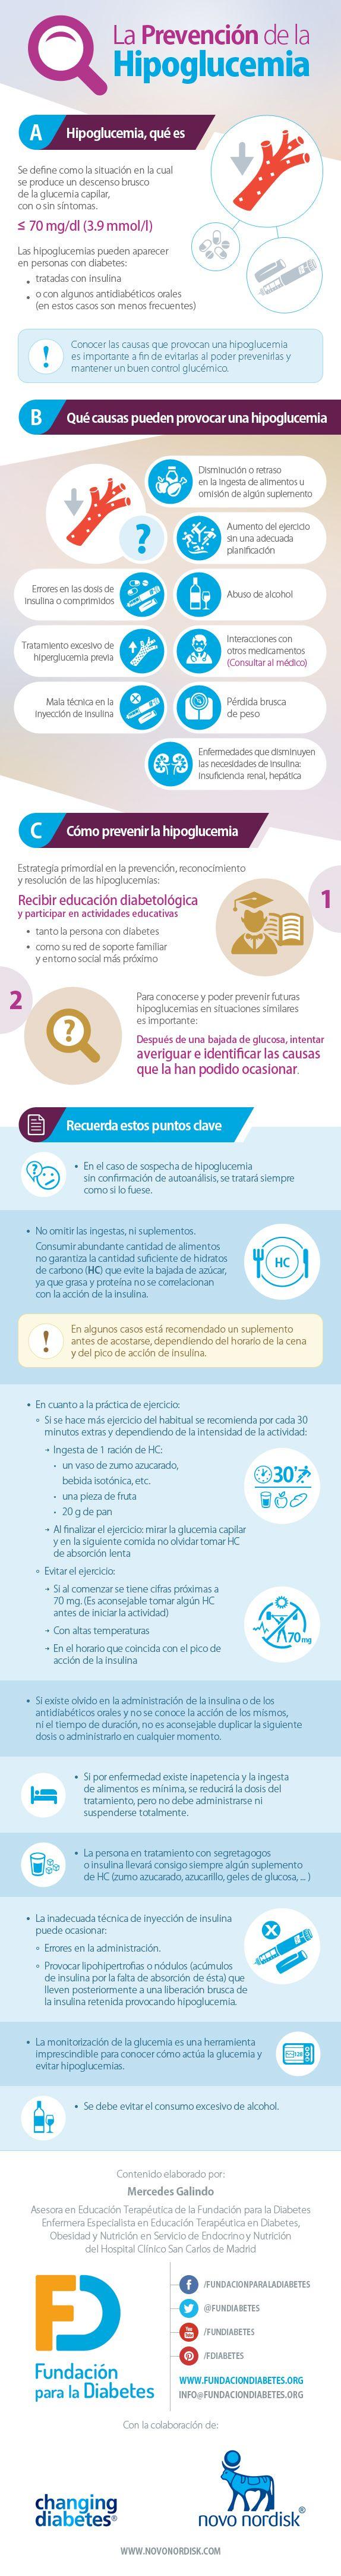 Infografía sobre la prevención de la hipoglucemia. #Diabetes